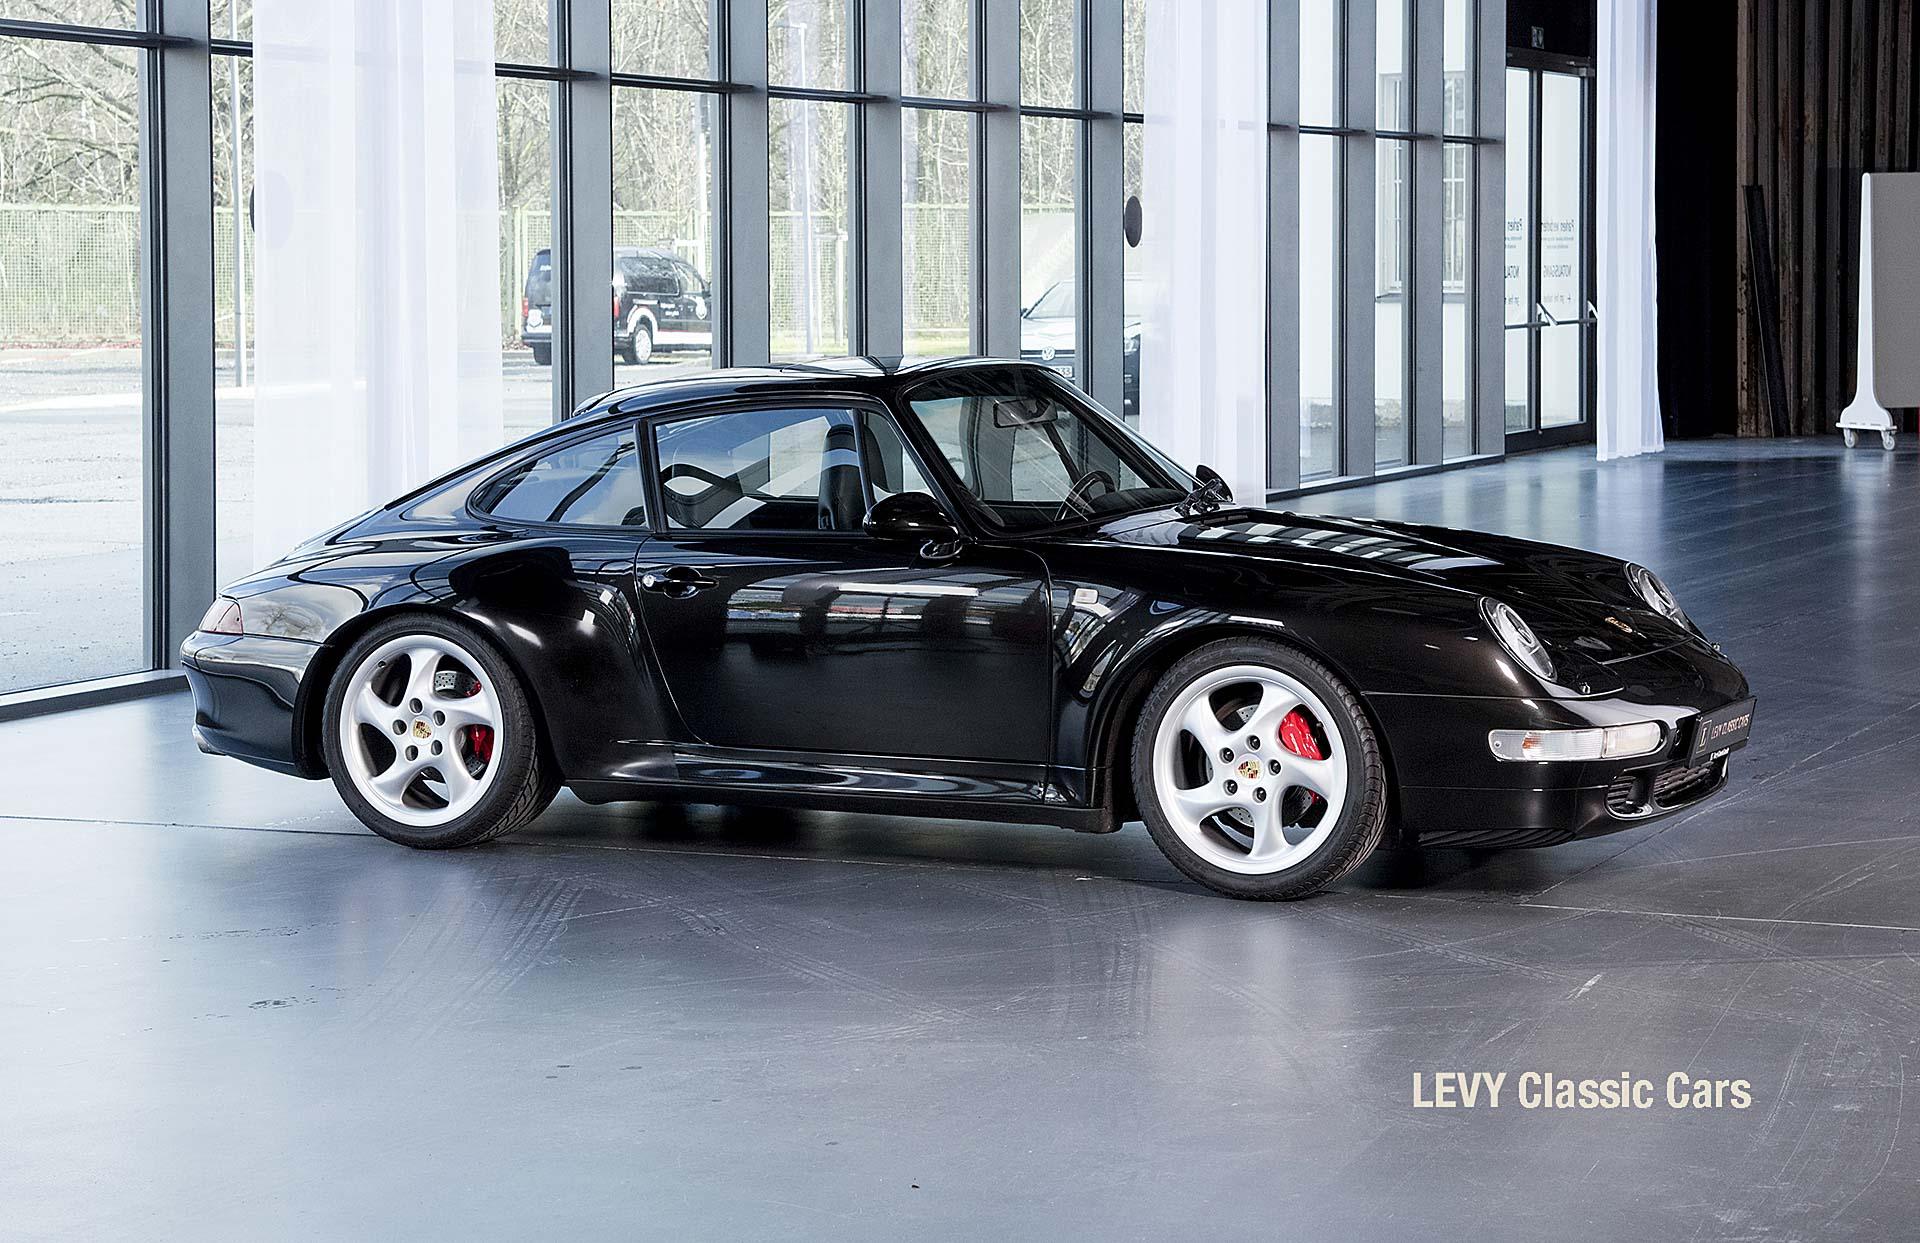 geschaerft Porsche Carrera 2 S 11679 50